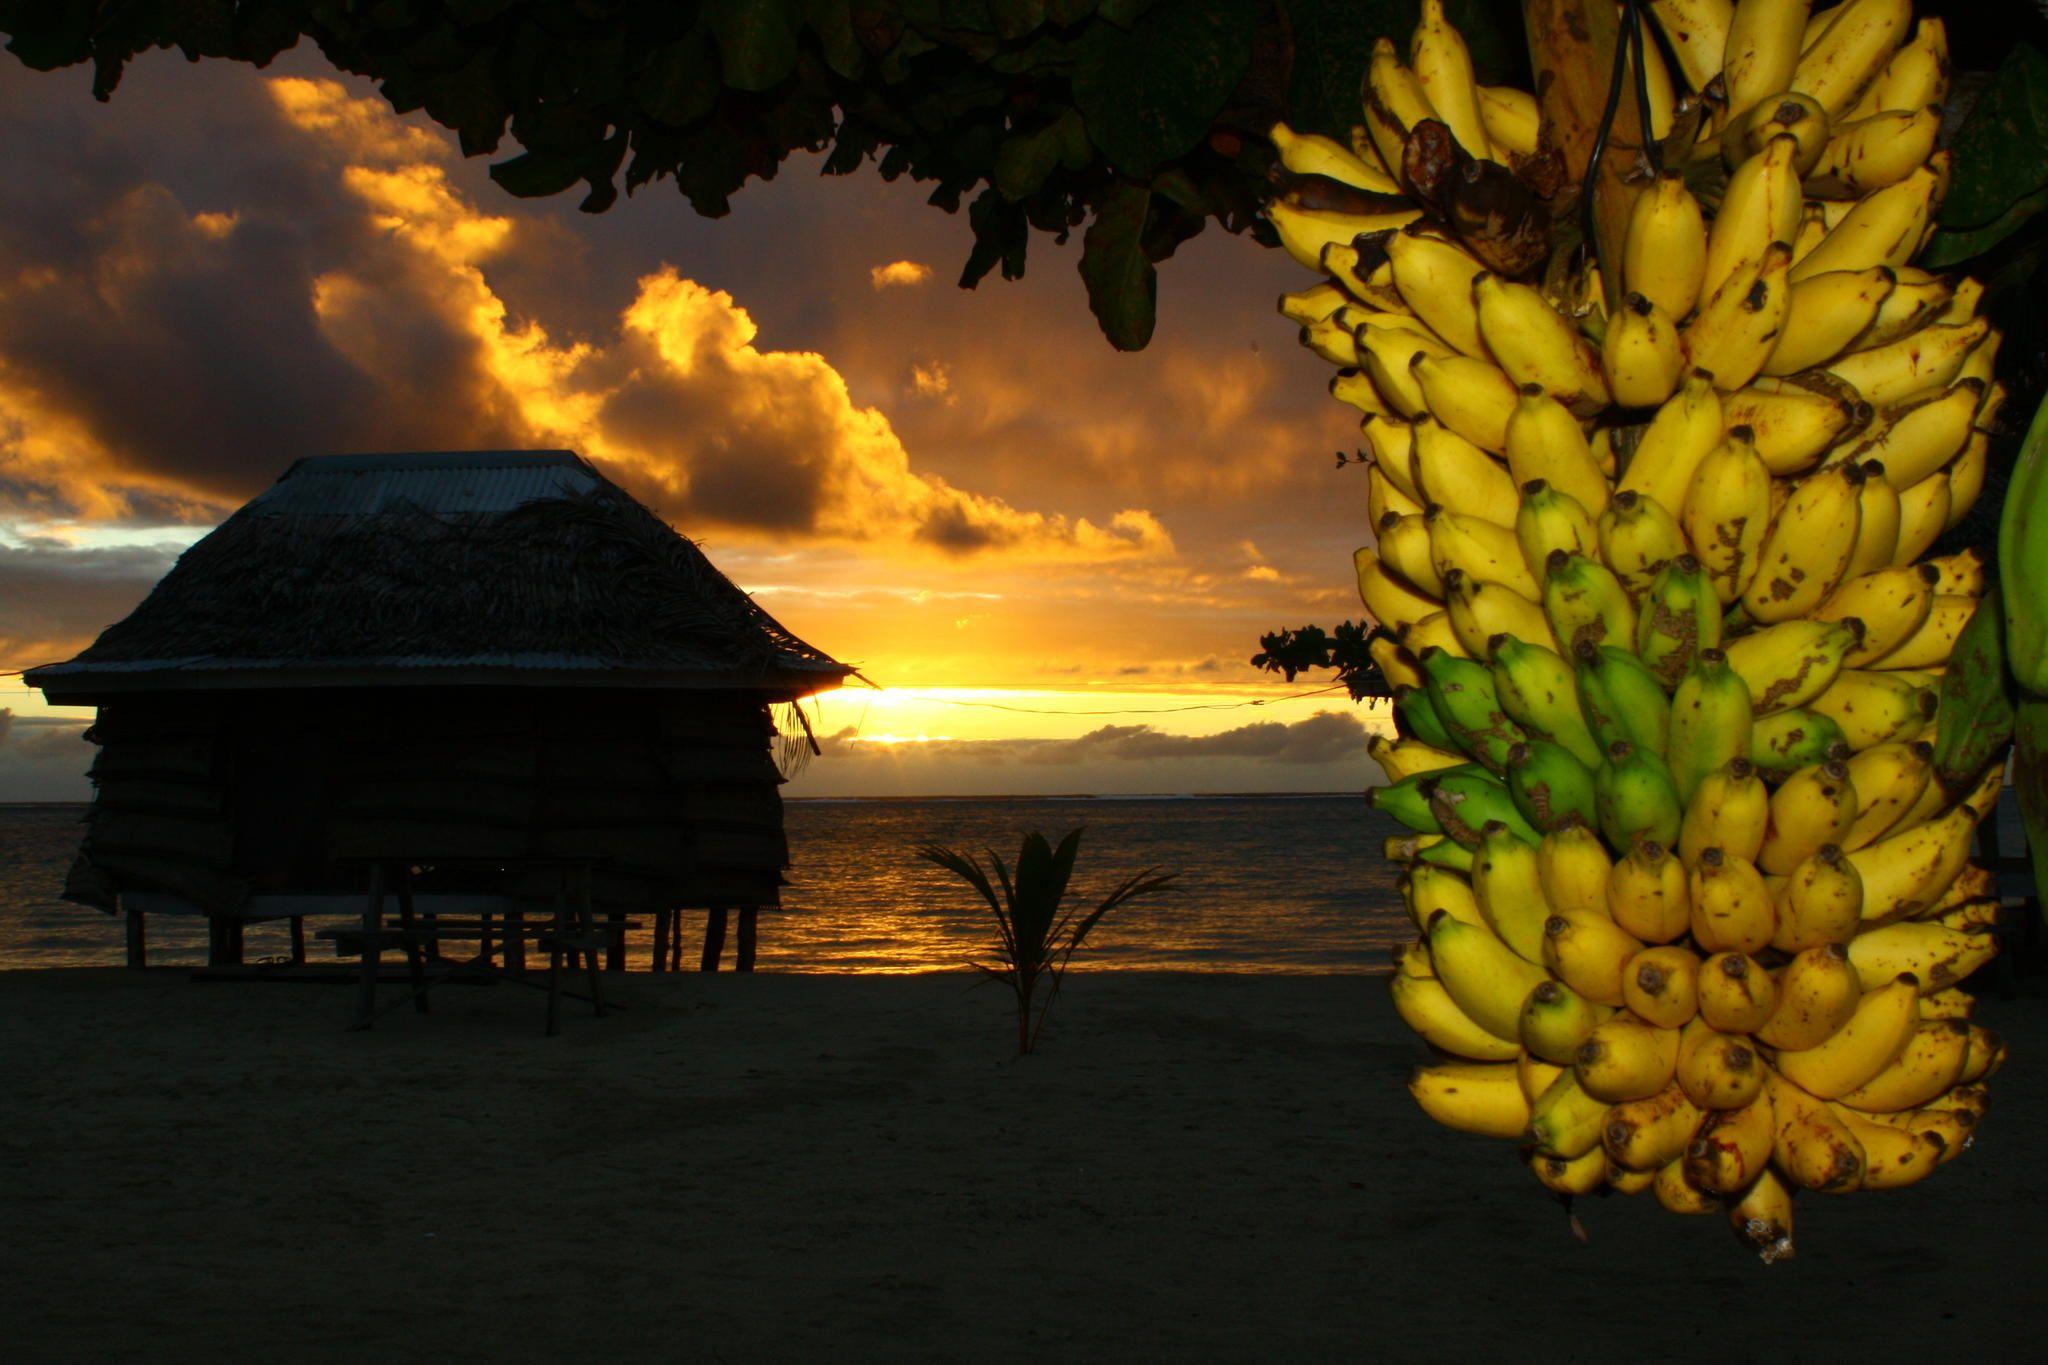 Photograph samoan sunrise by adrian paul on 500px